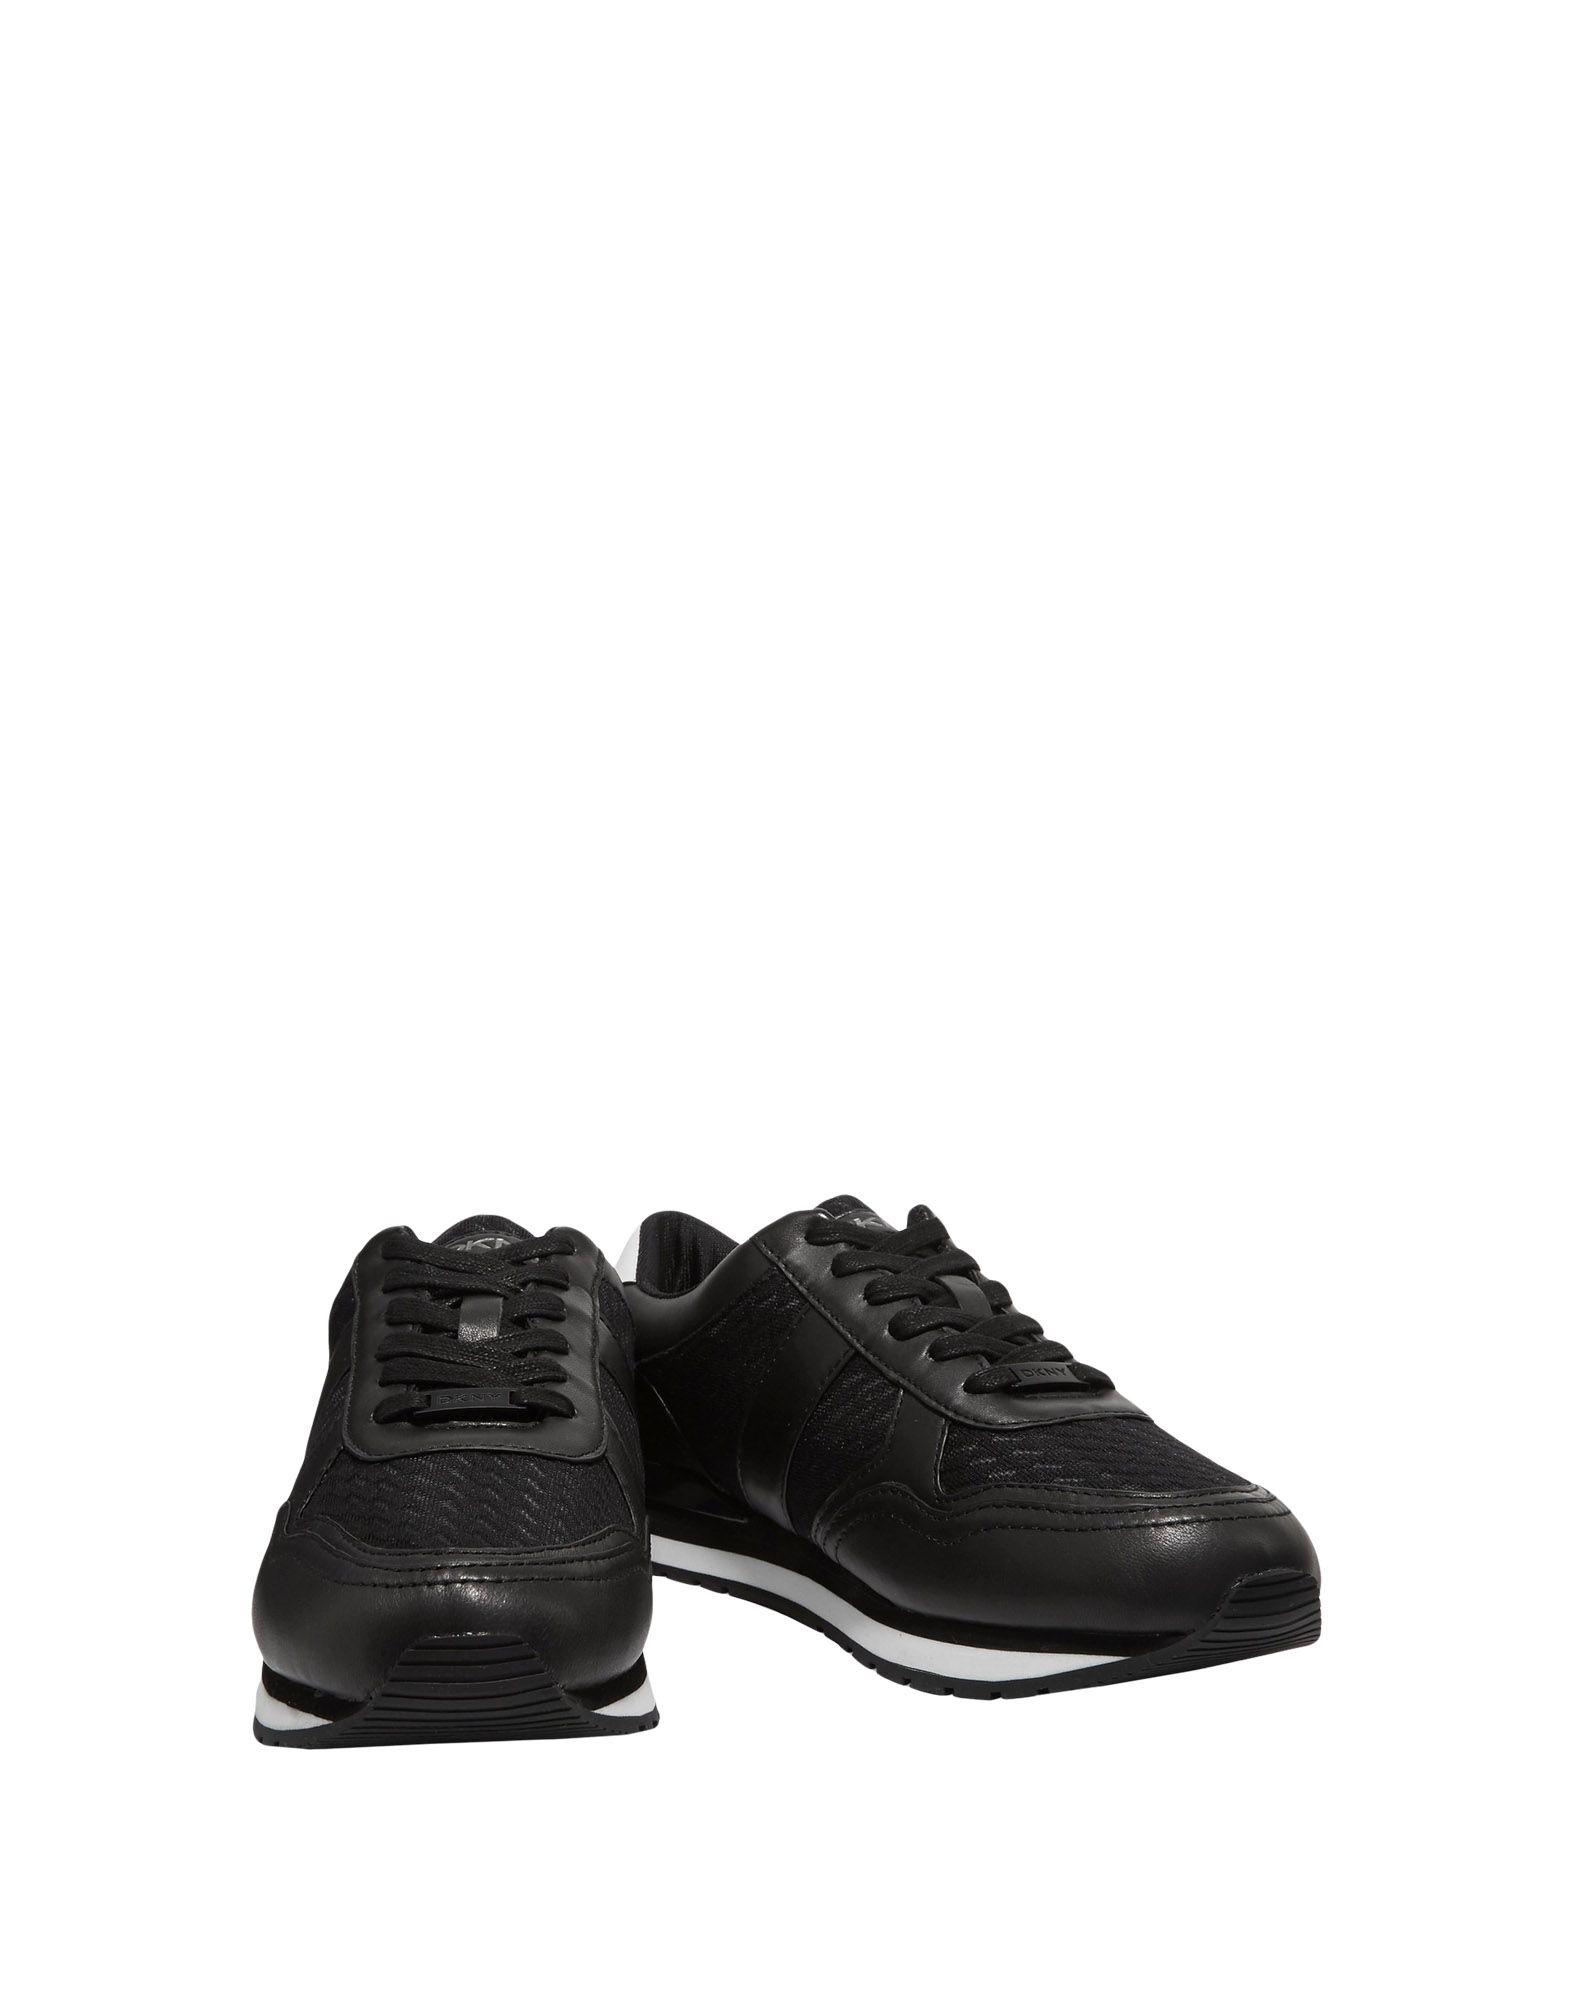 Dkny Sneakers Damen  11524026TD Gute Qualität beliebte Schuhe